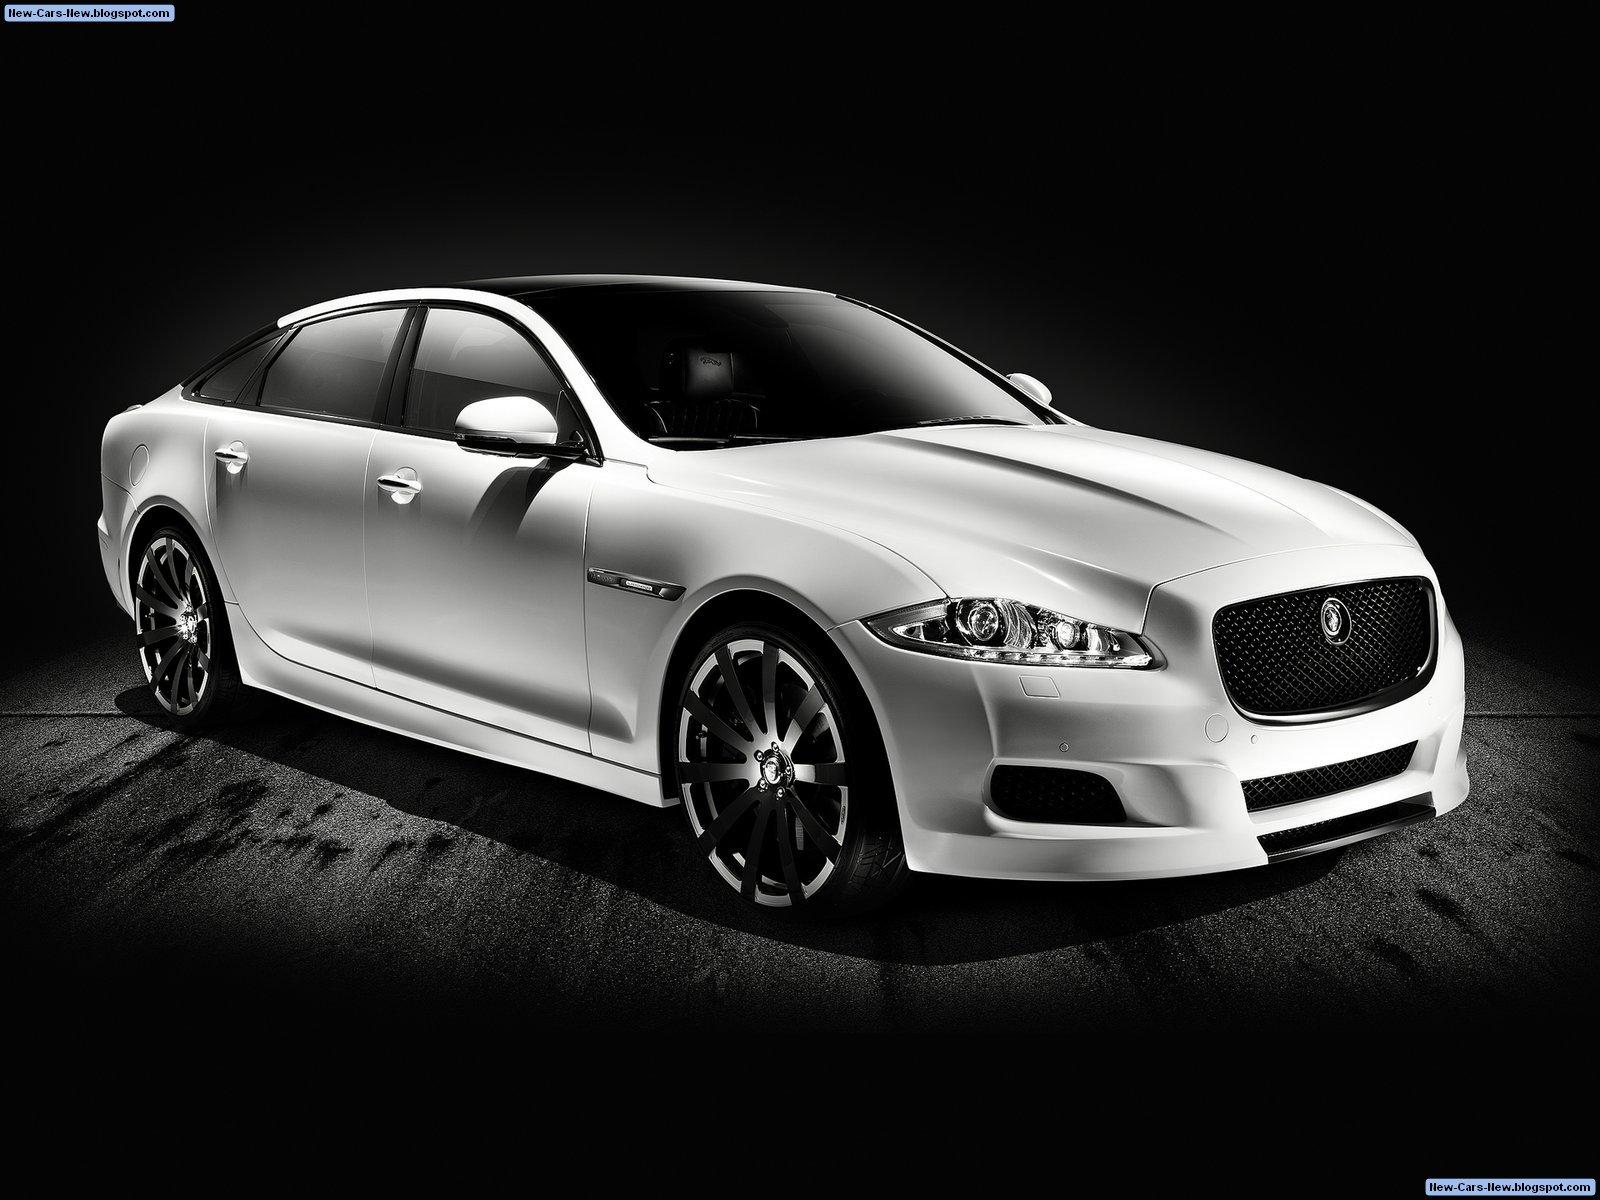 http://3.bp.blogspot.com/_U4w592tUDHM/TGrDow8_nbI/AAAAAAAAE-I/hxL0RboUQQs/s1600/Jaguar-XJ75_Platinum_Concept_2010_1600x1200_wallpaper_01.jpg